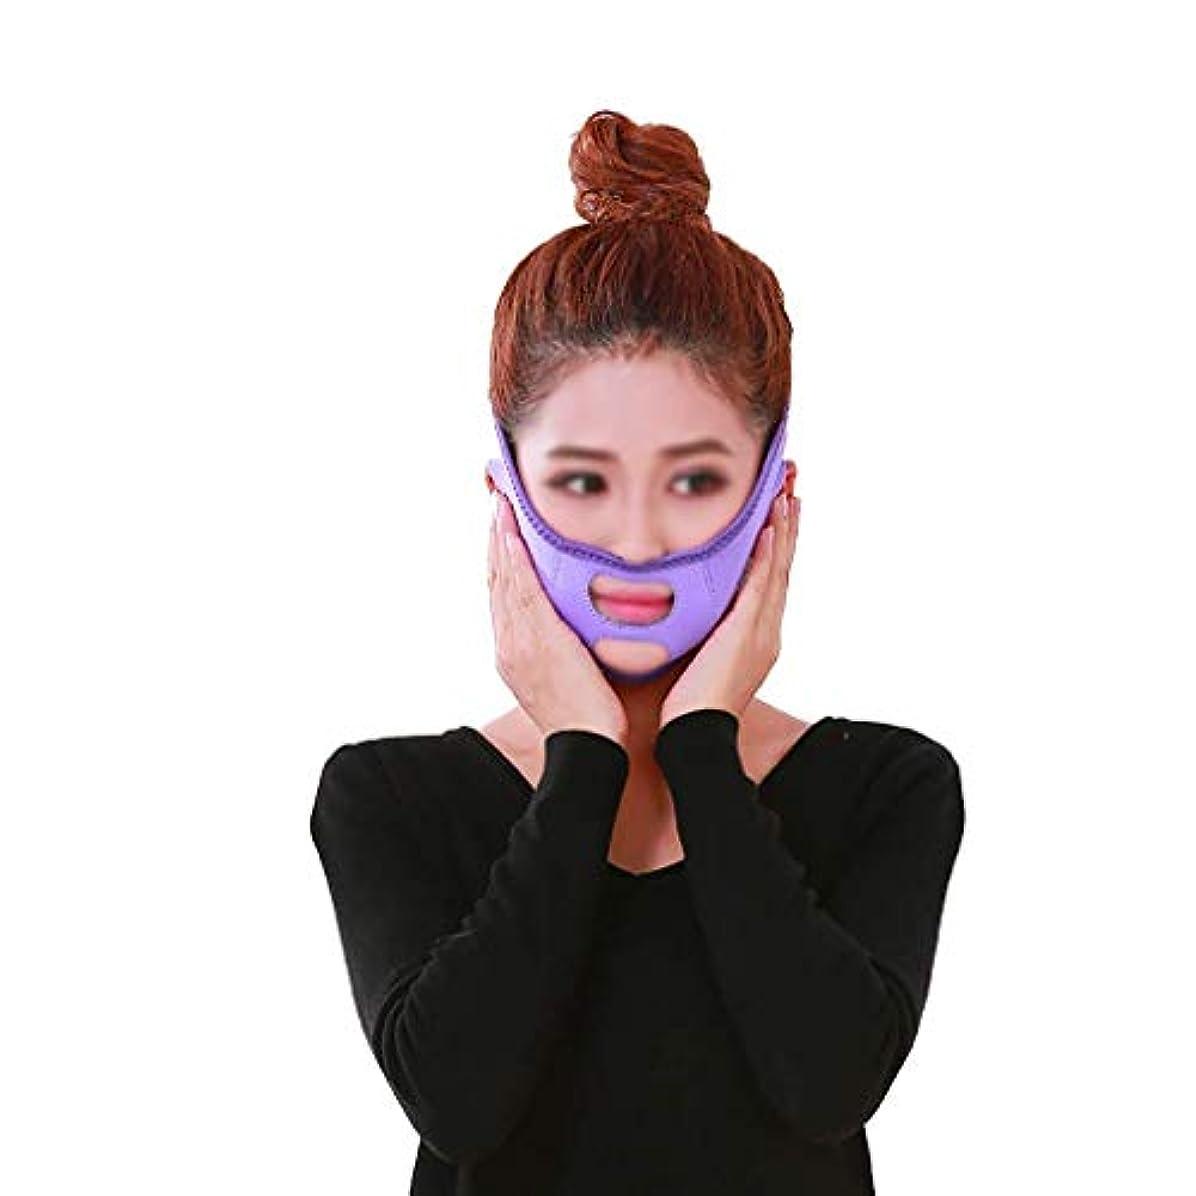 セットする解放する予備フェイスリフトフェイシャル、肌のリラクゼーションを防ぐタイトなVフェイスマスクVフェイスアーティファクトフェイスリフトバンデージフェイスケア(色:紫)